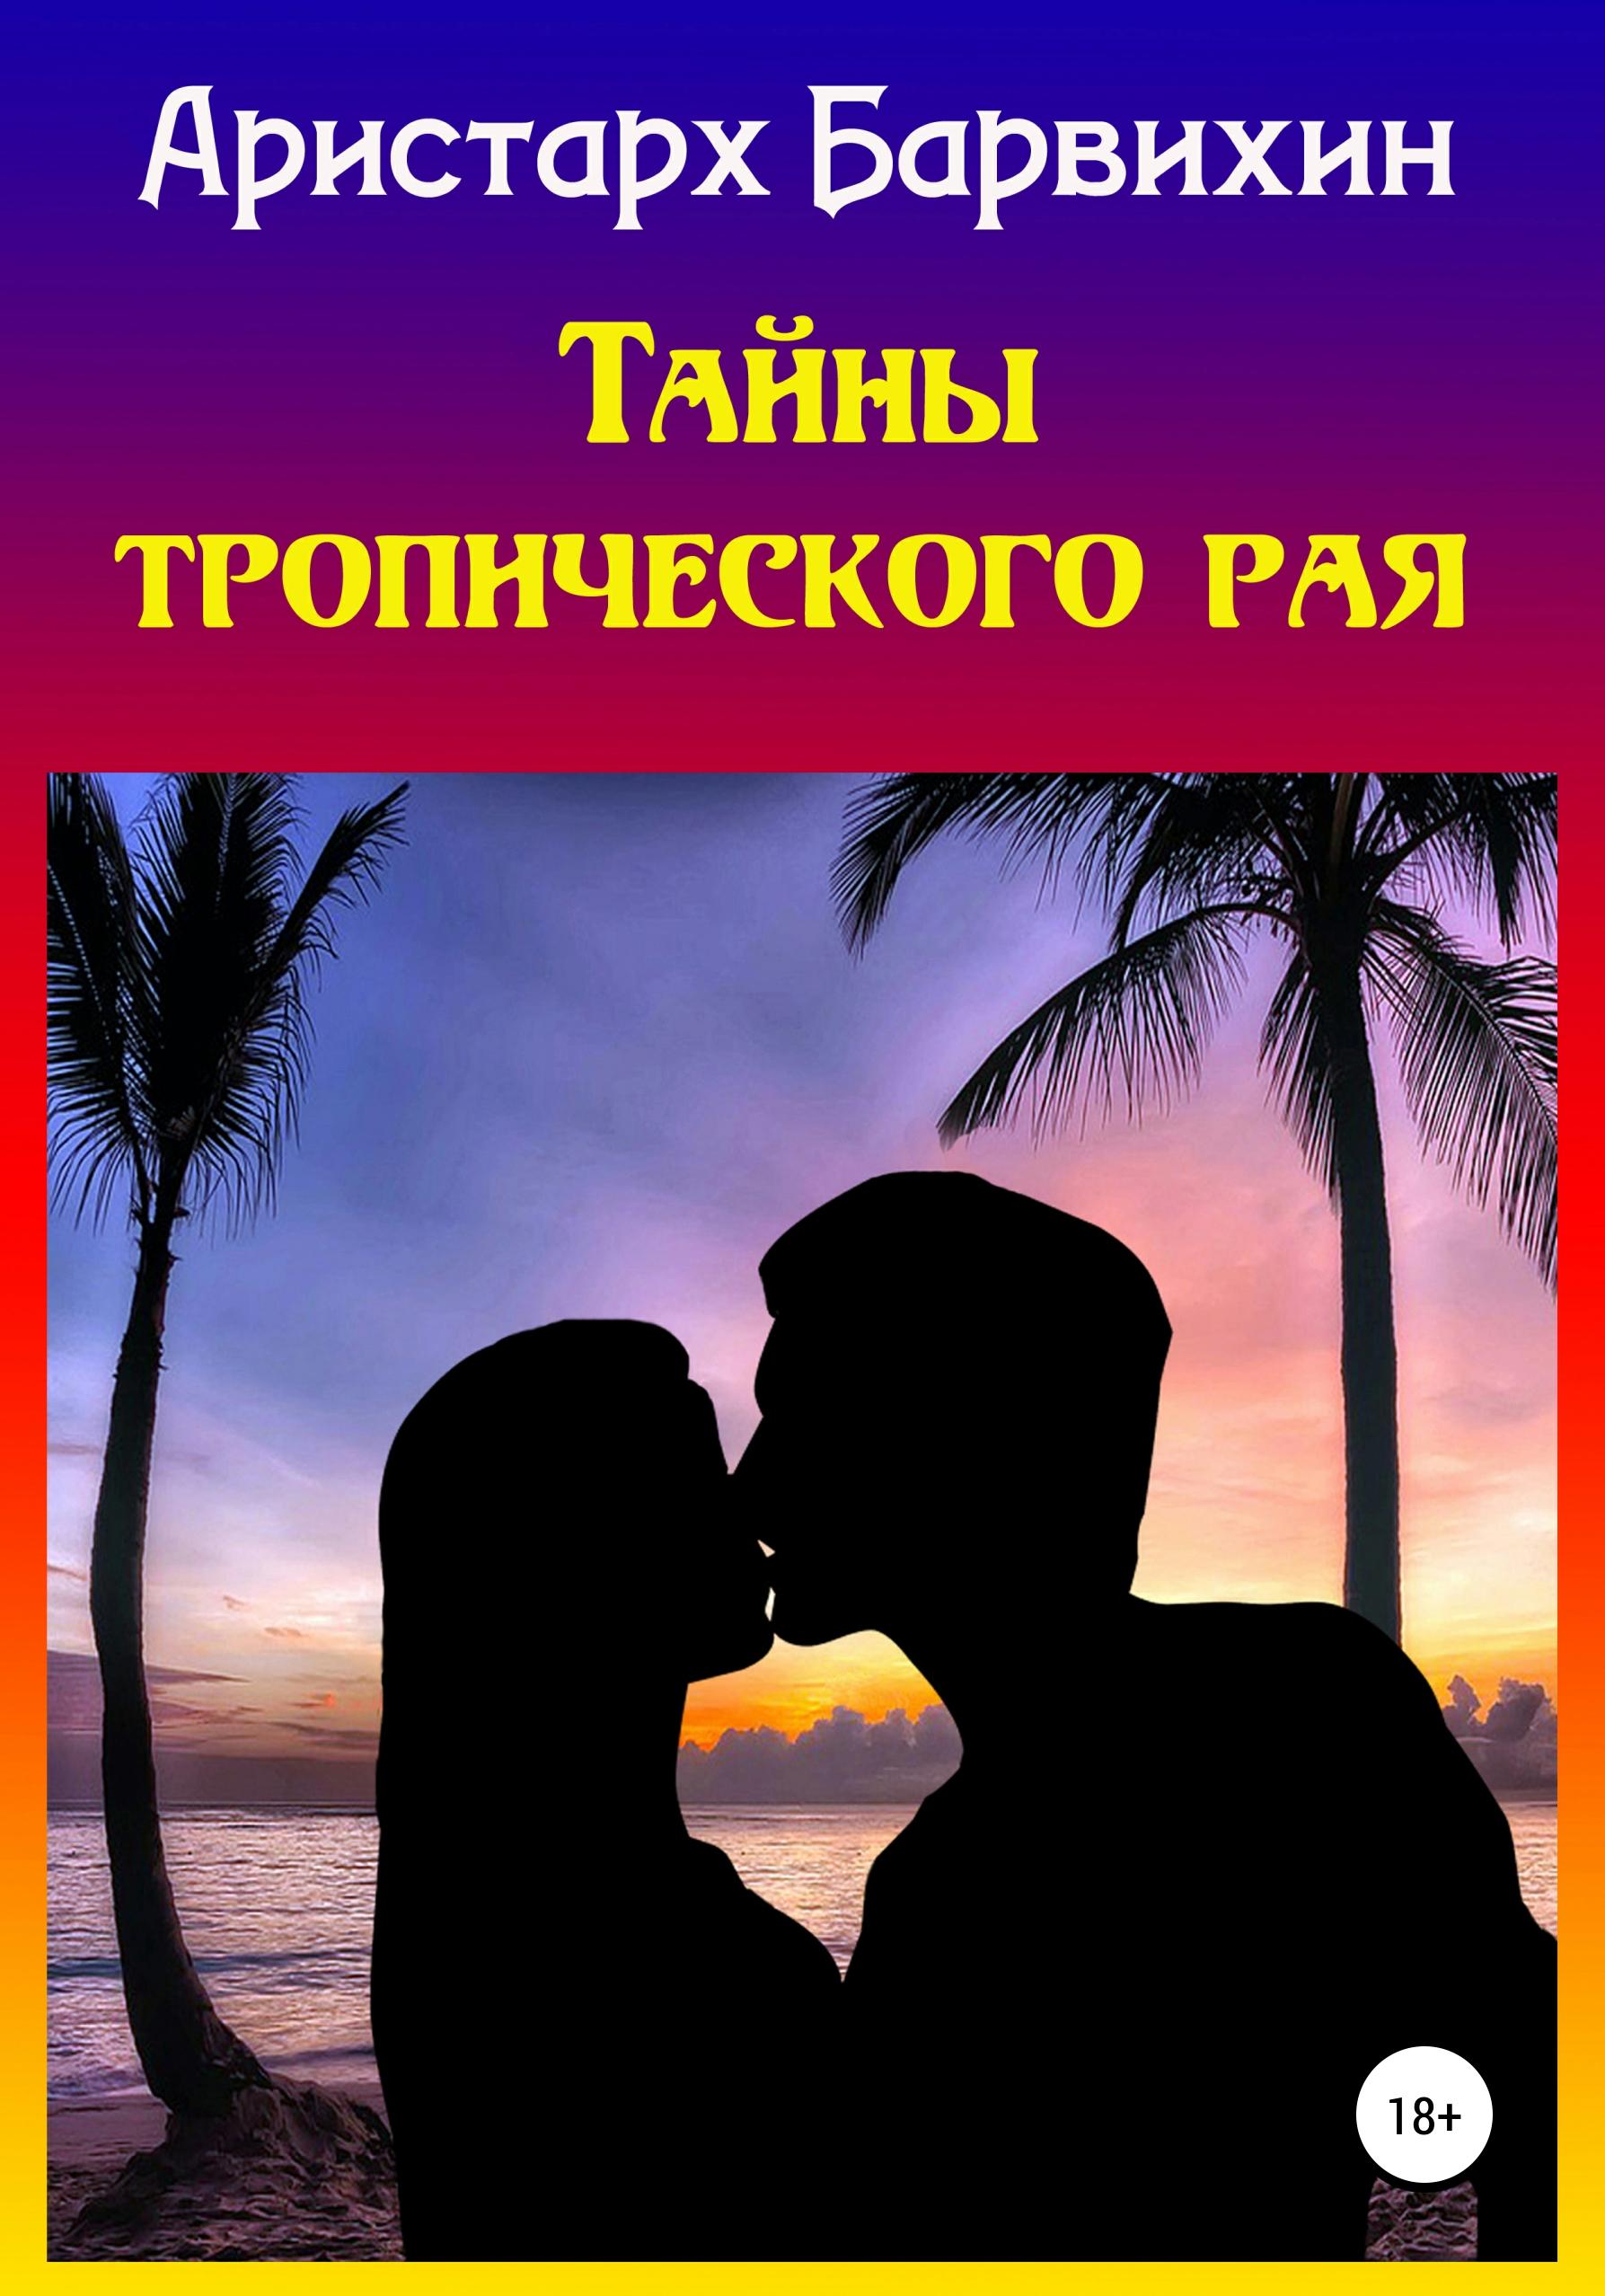 Купить книгу Тайны тропического рая, автора Аристарха Барвихина